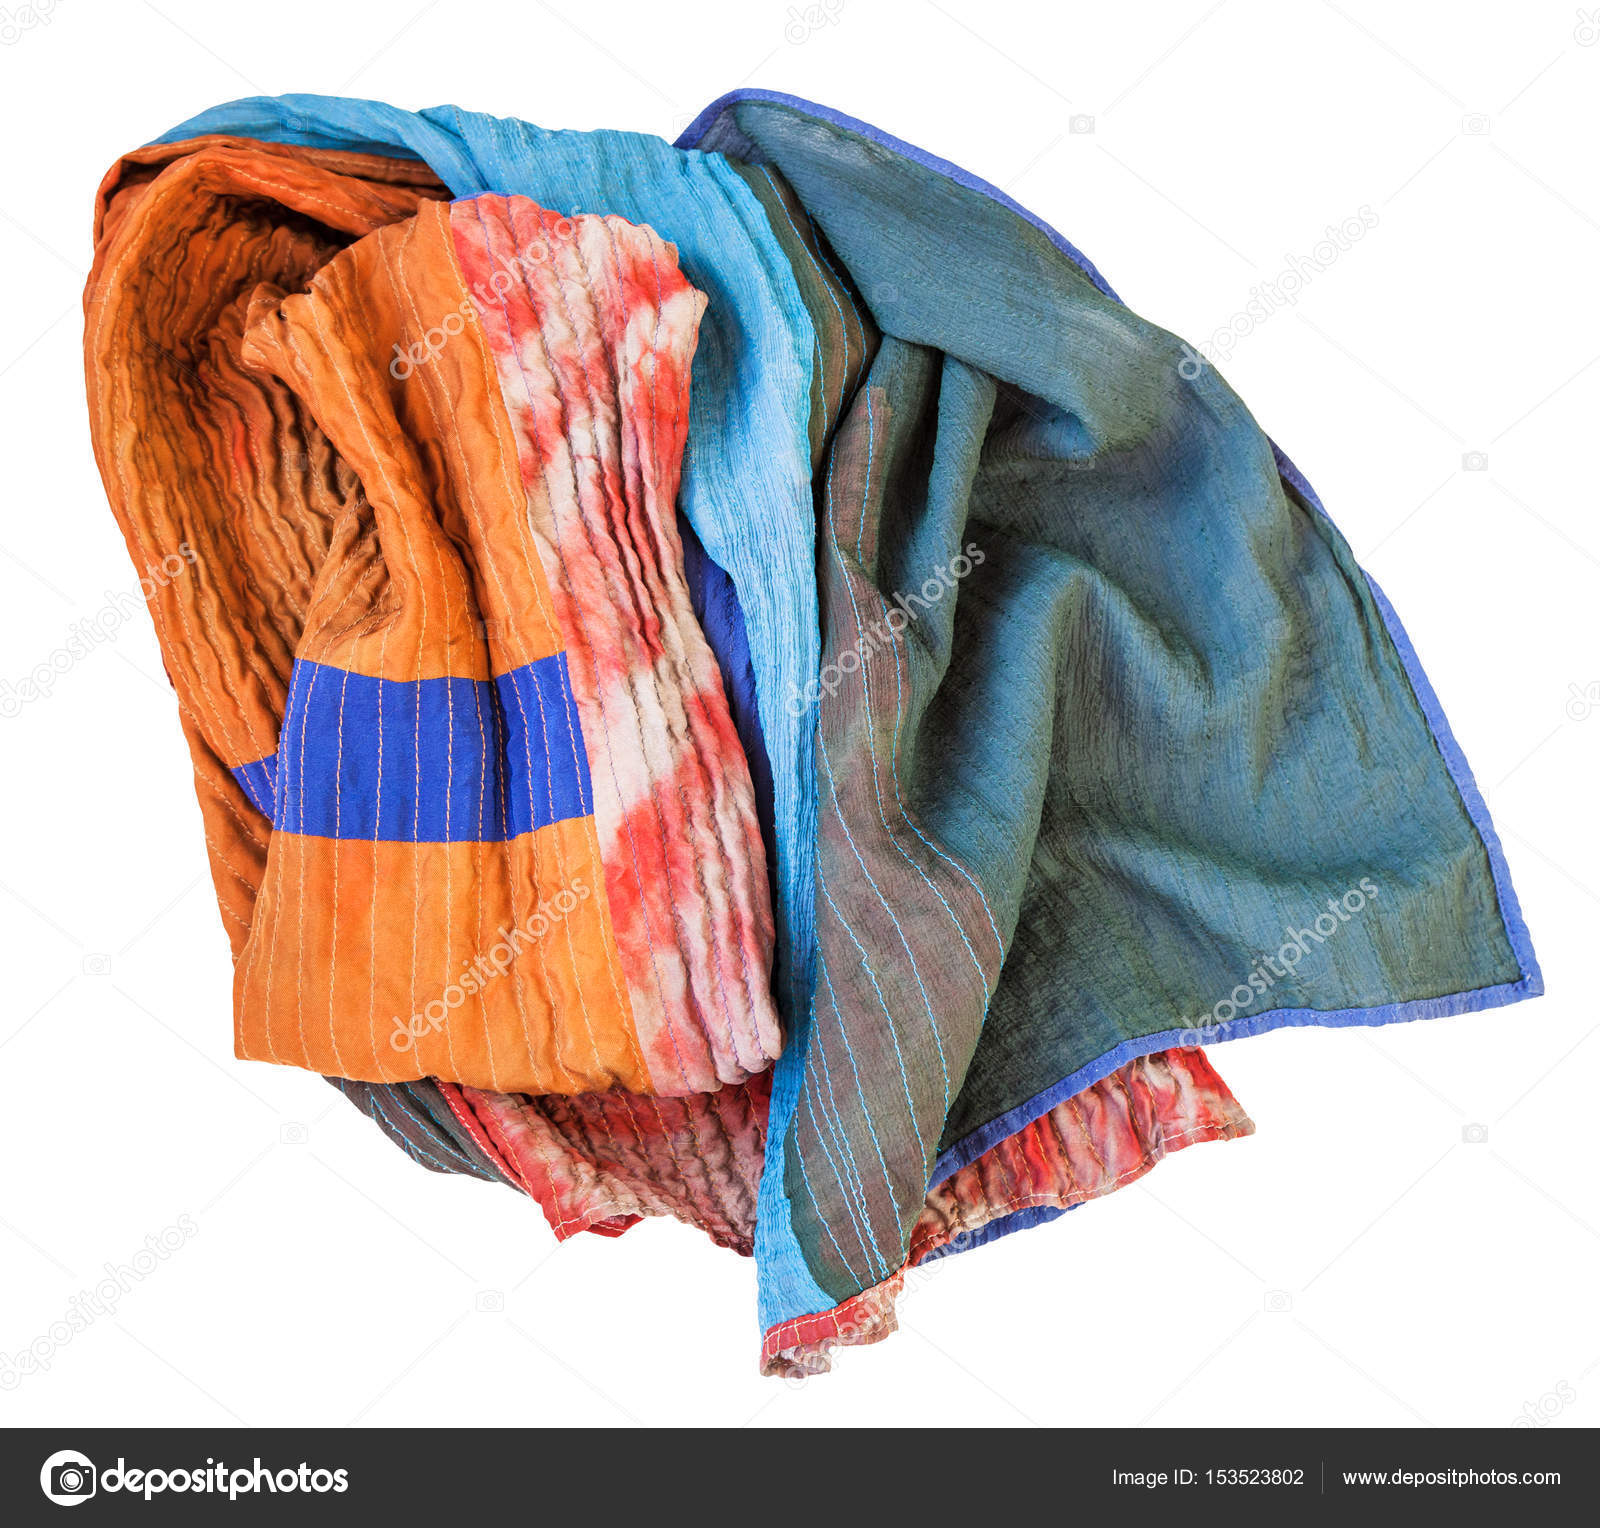 Zmačkané proÅ¡vané patchwork Å¡ál z Batikované a malované hedvábné tkaniny kusů izolované na blém pozad — Fotografie od vvoennyy